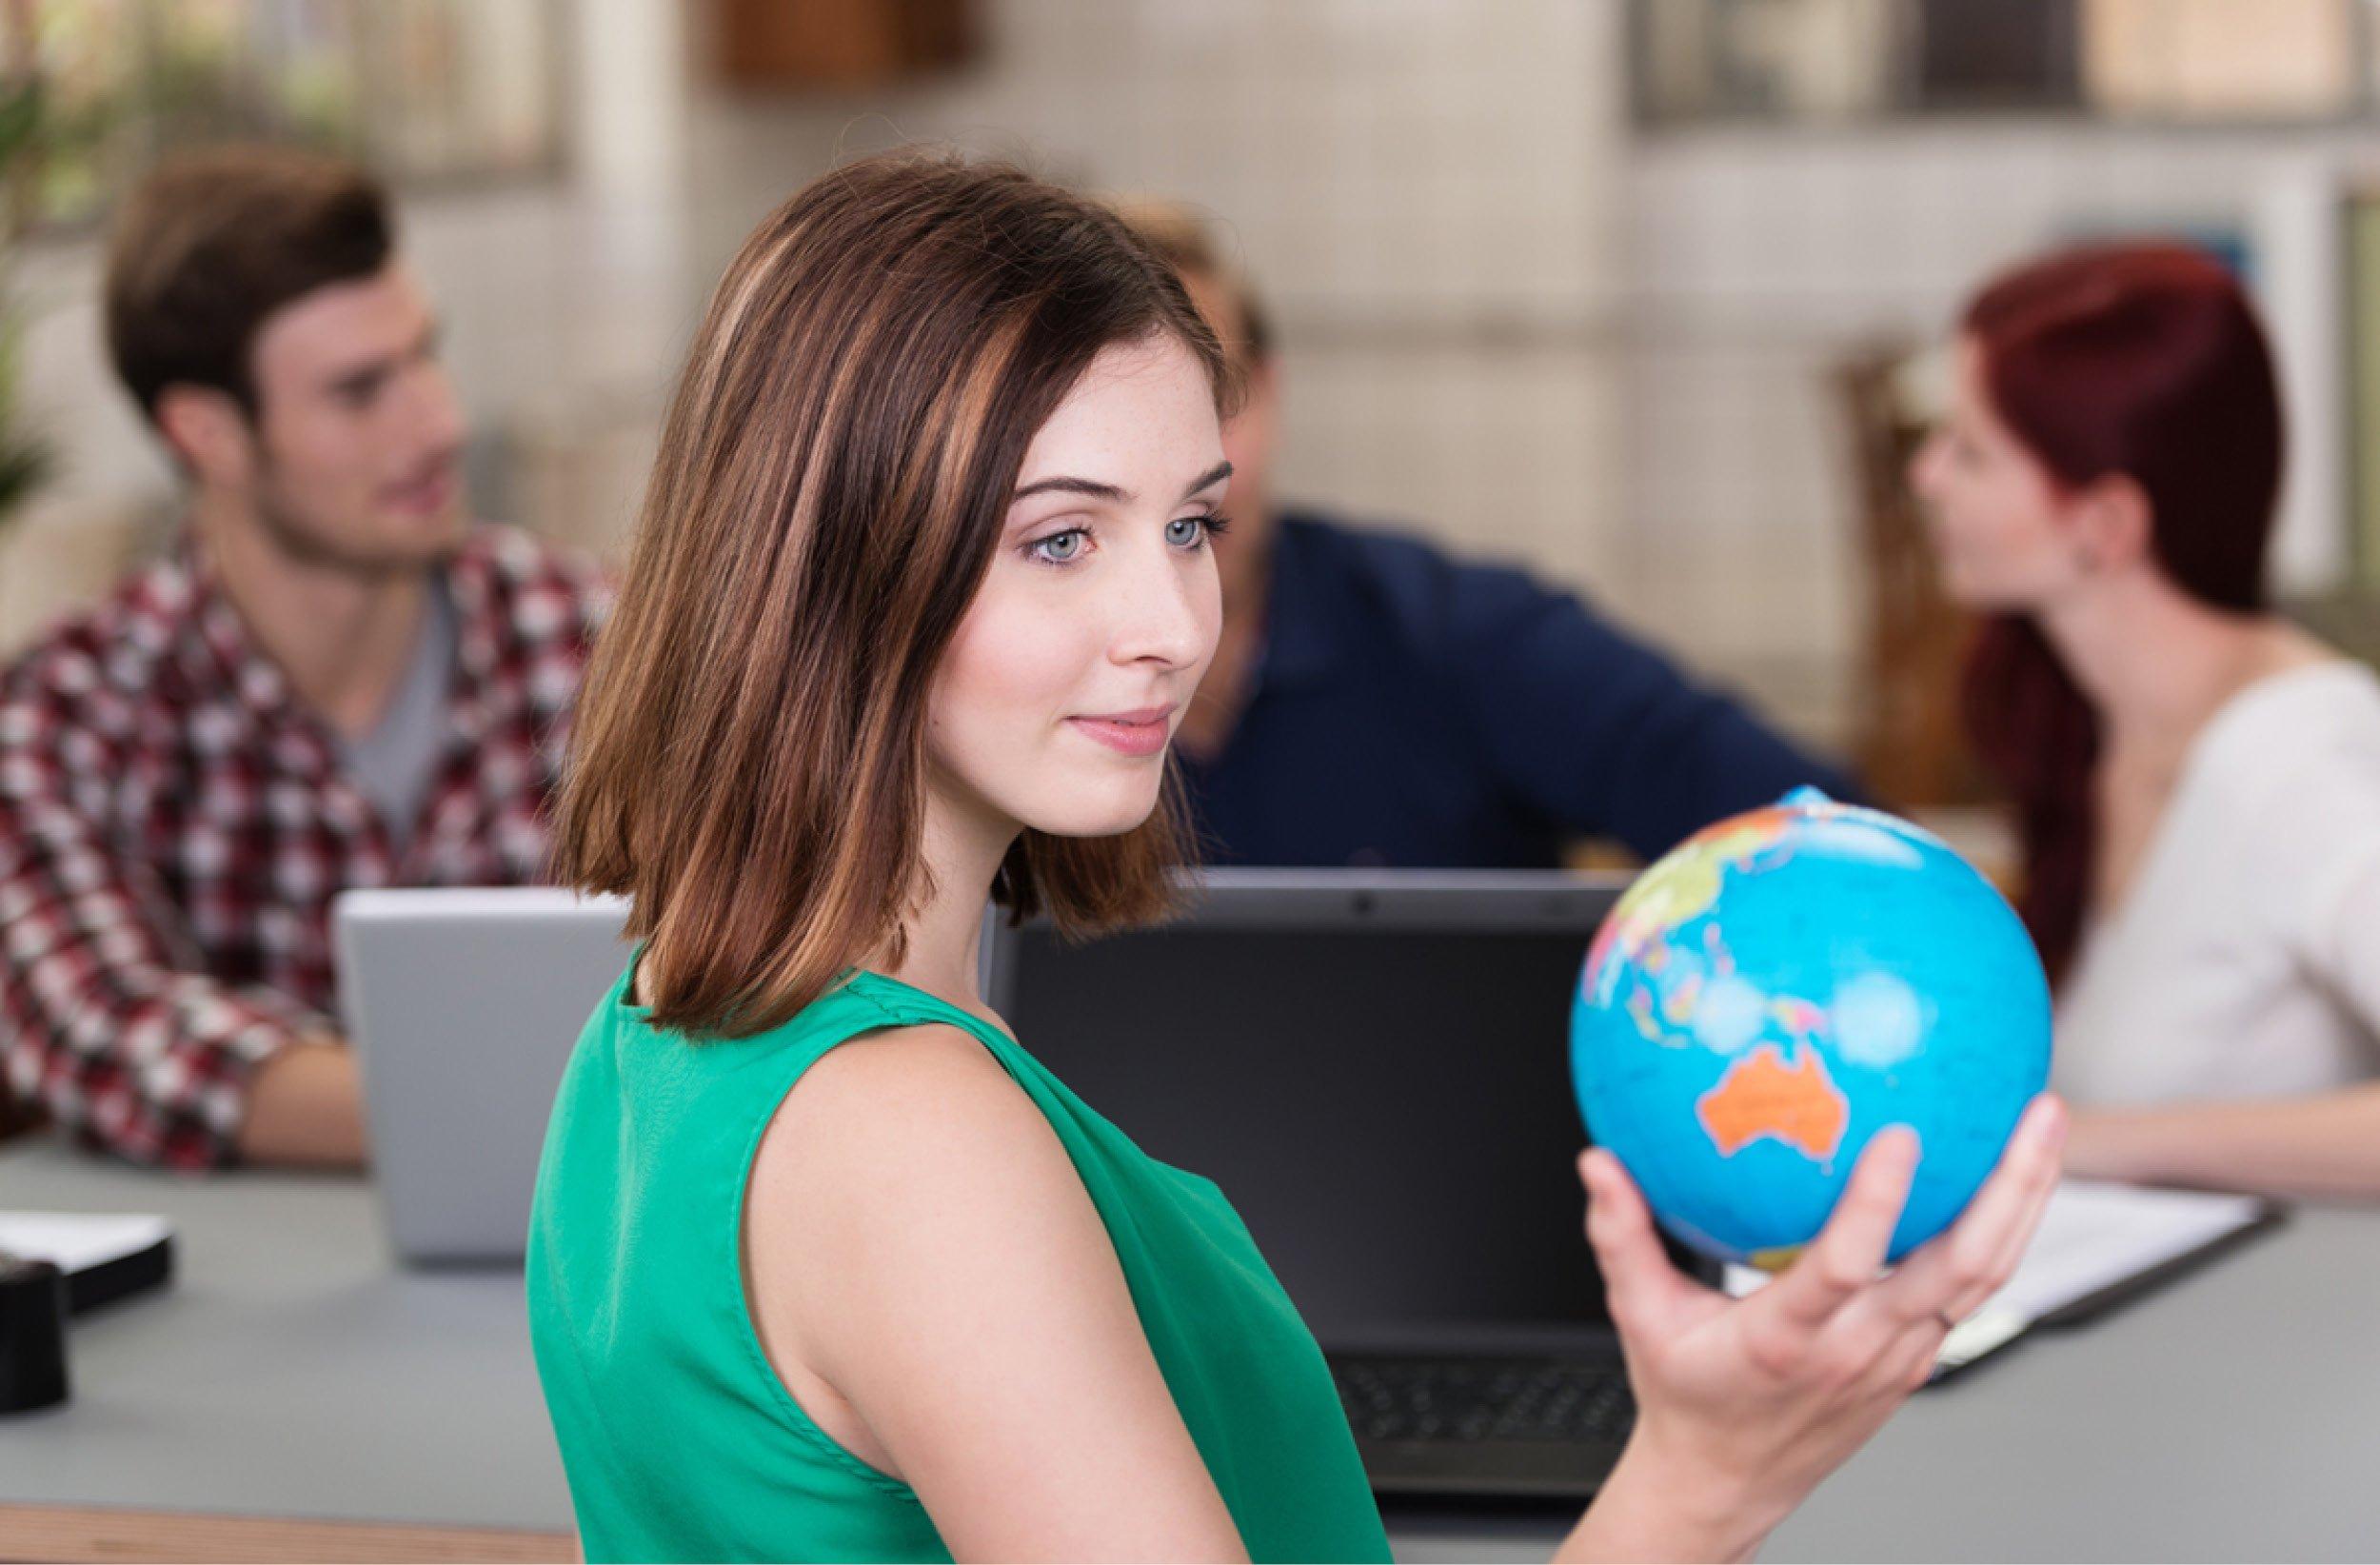 Le VIE est un excellent outil de développement à l'international pour les entreprises. Il leur permet de recruter de jeunes talents dans des conditions très avantageuses.